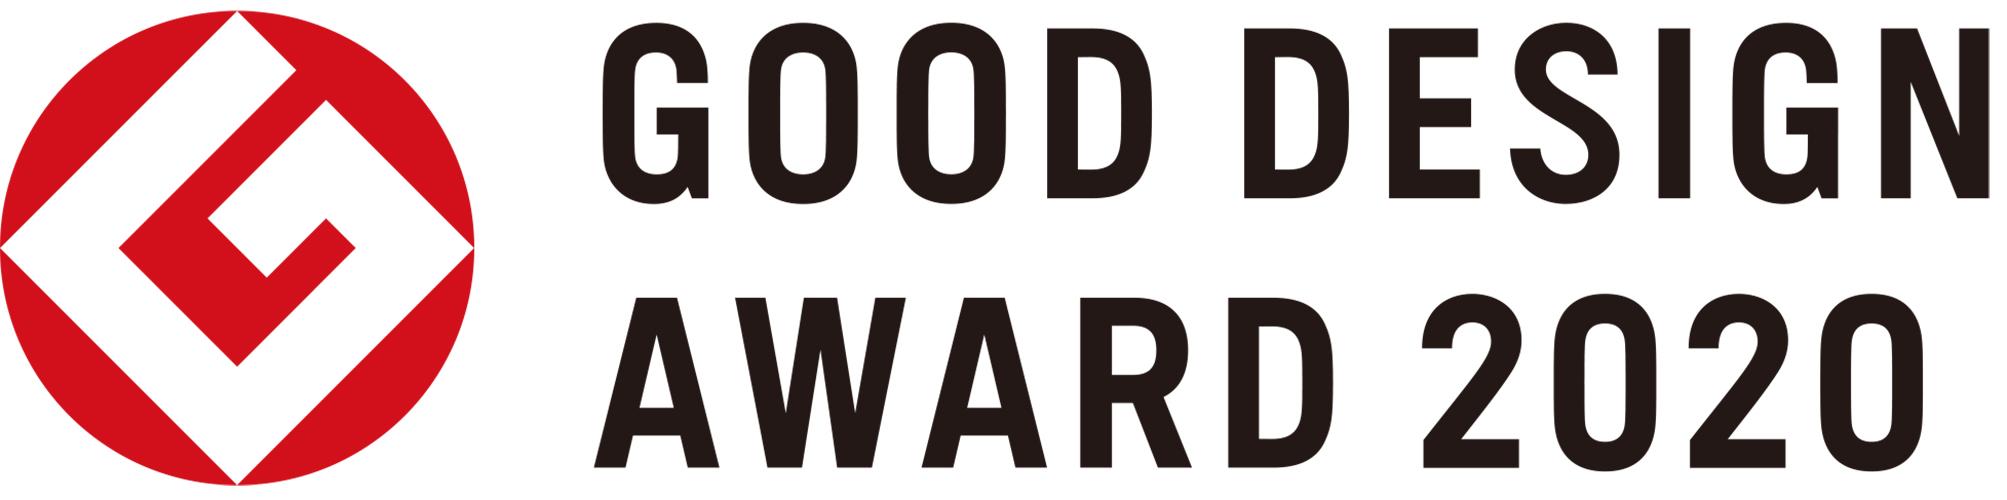 2020年度グッドデザイン賞、ロングライフデザイン賞の応募受付開始/日本デザイン振興会